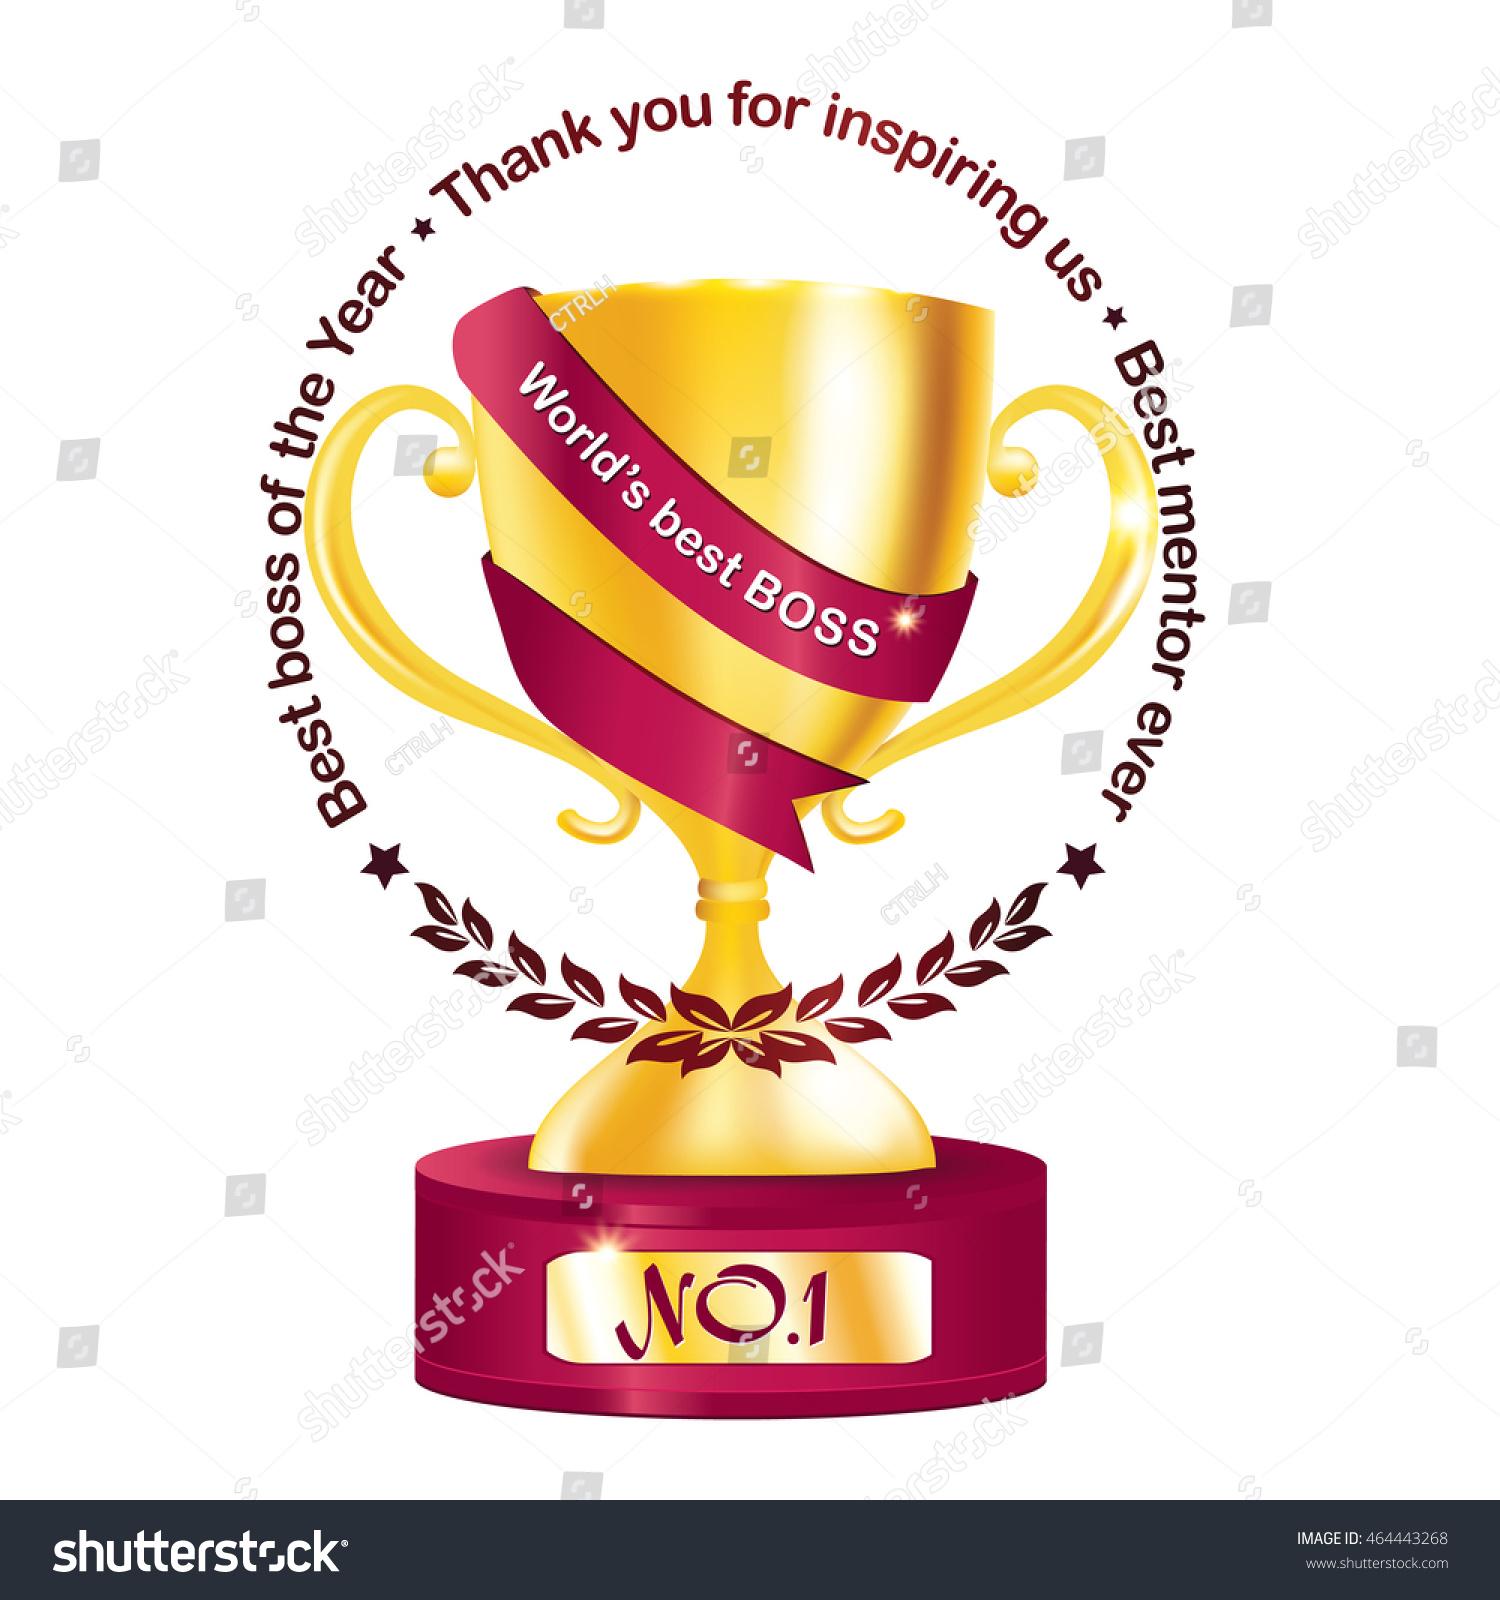 best boss year thank you inspiring stock vector  best boss of the year thank you for inspiring us best mentor ever